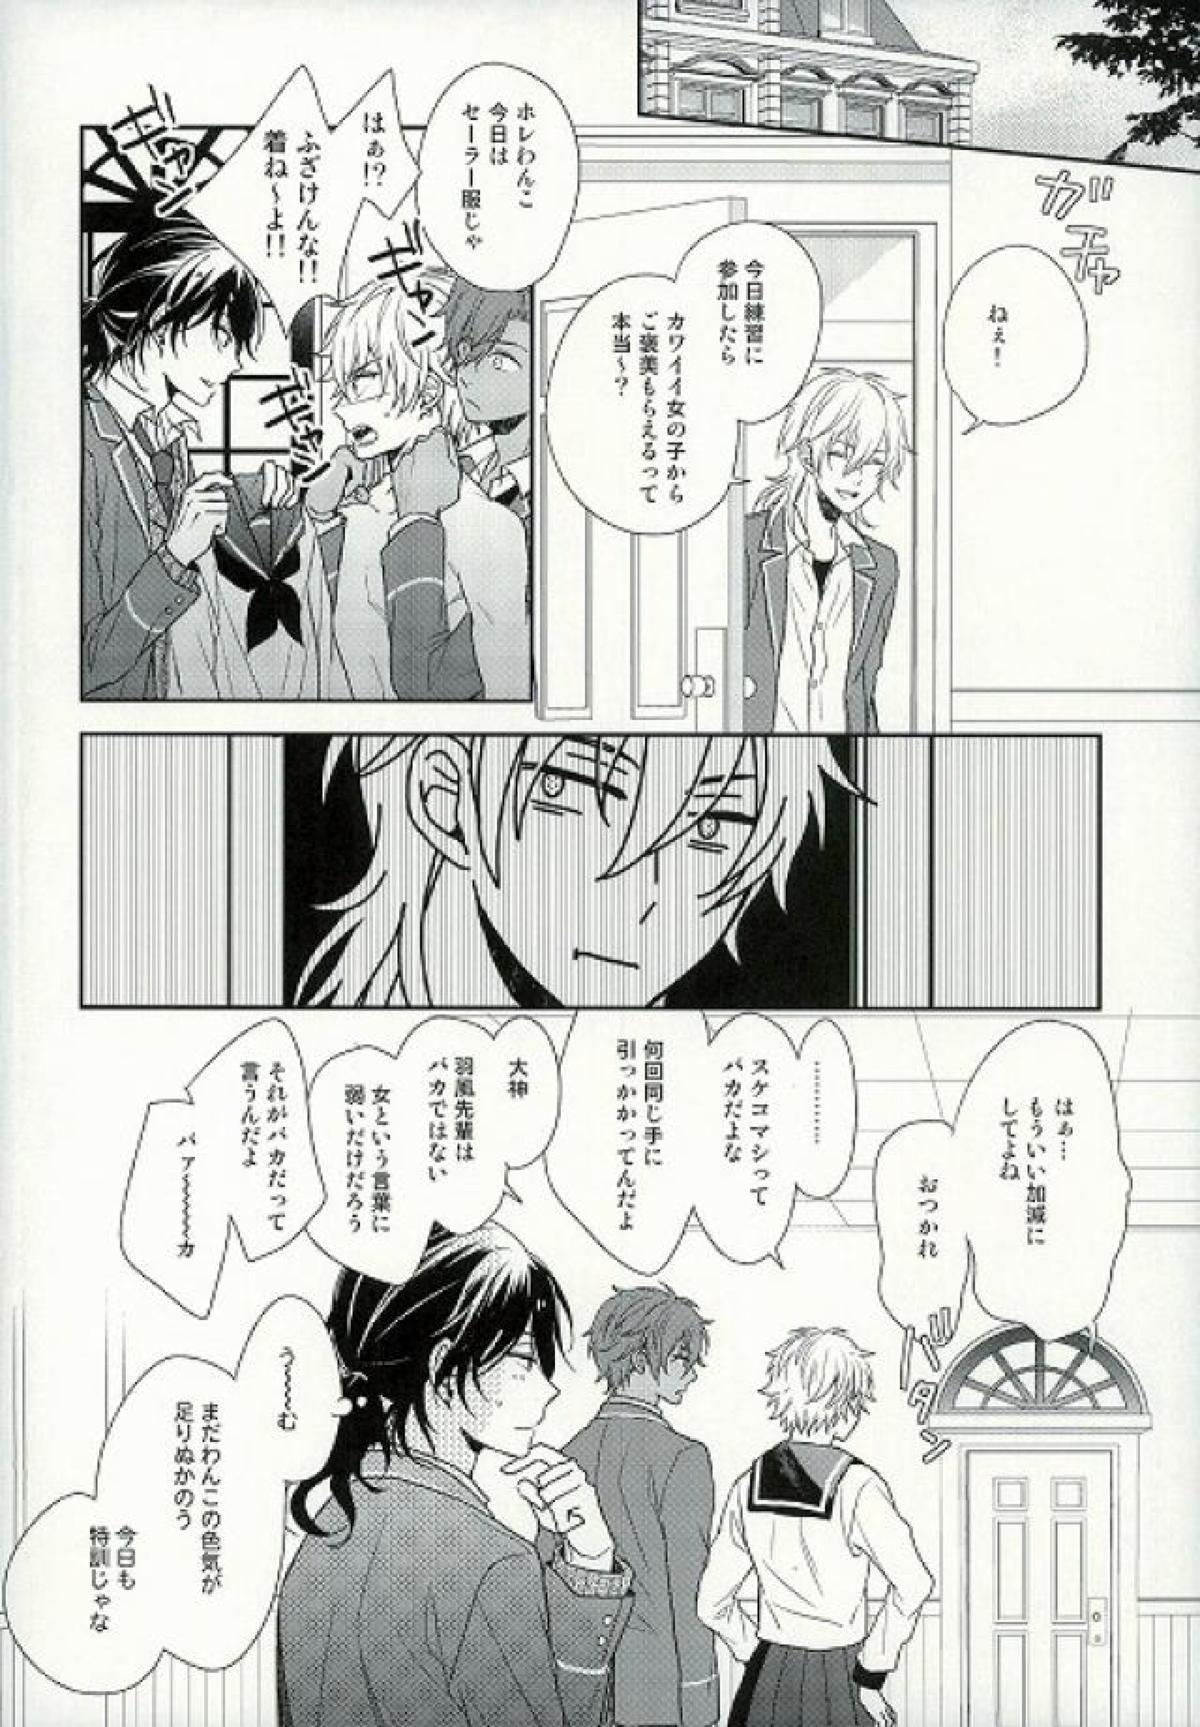 Seifuku Resistance 24